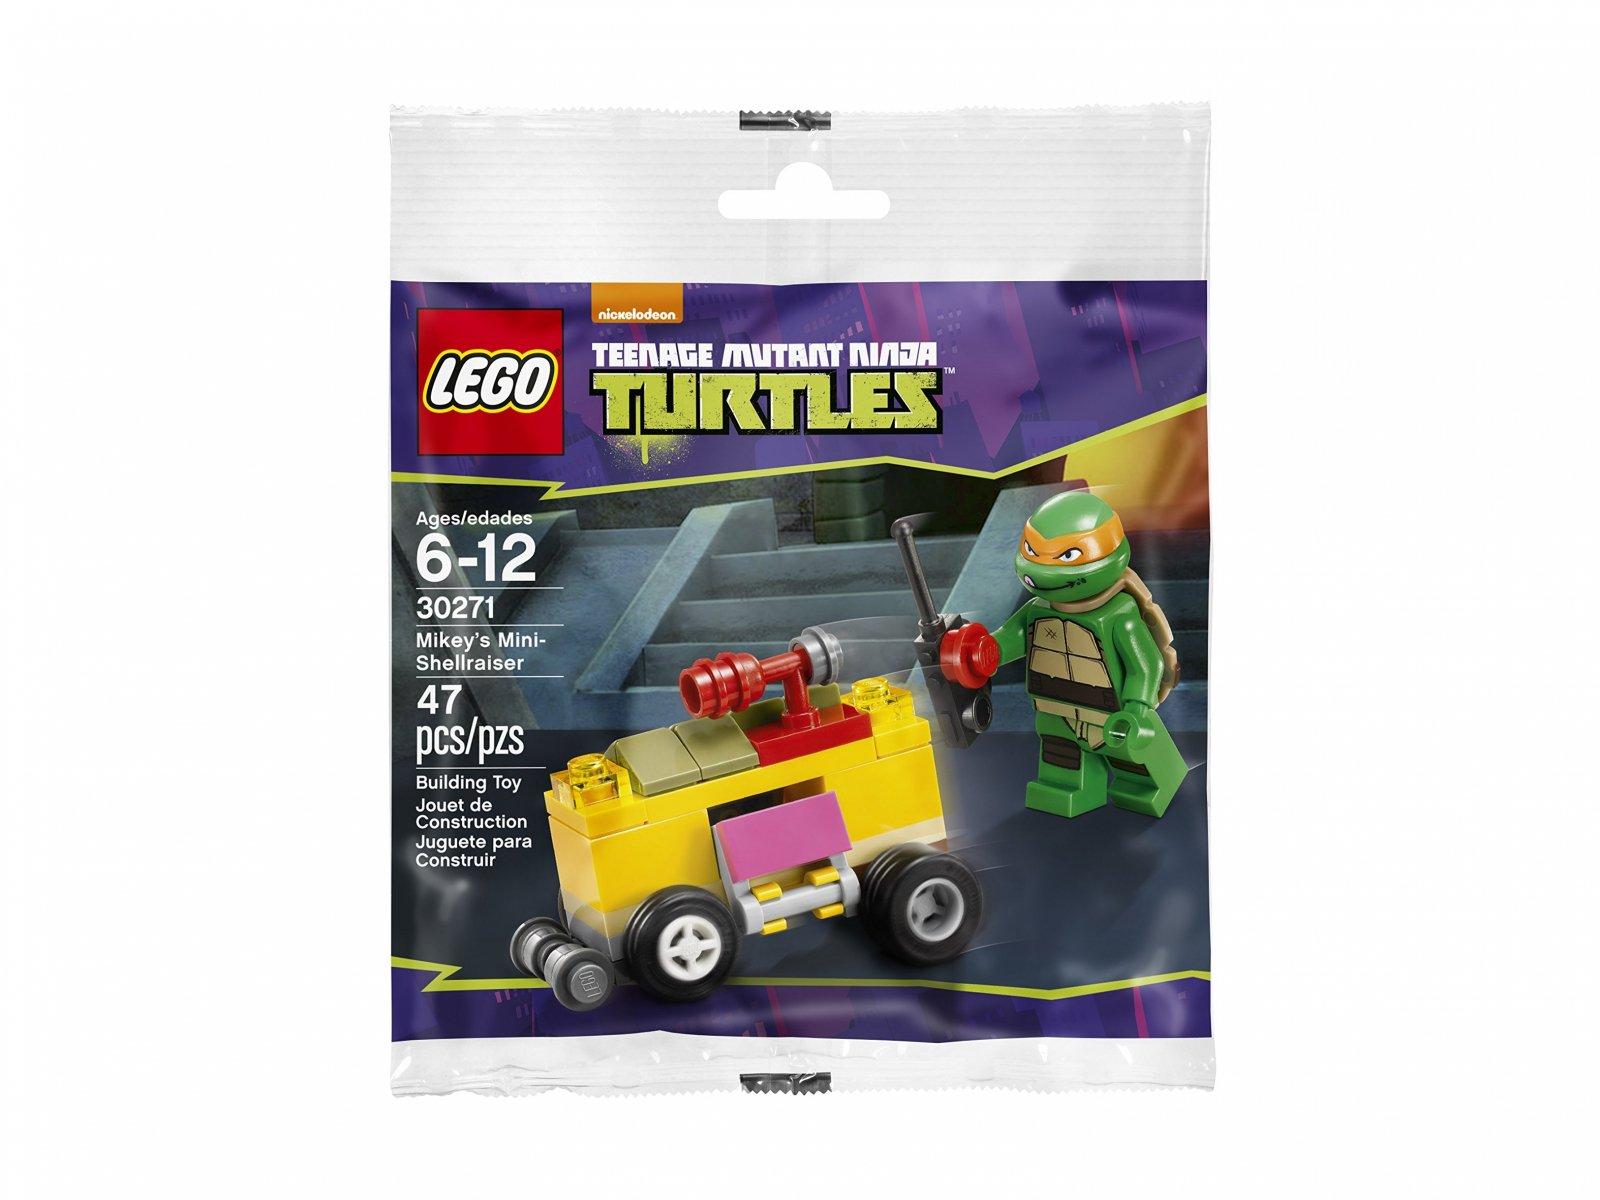 LEGO Teenage Mutant Ninja Turtles™ Mikey's Mini-Shellraiser 30271